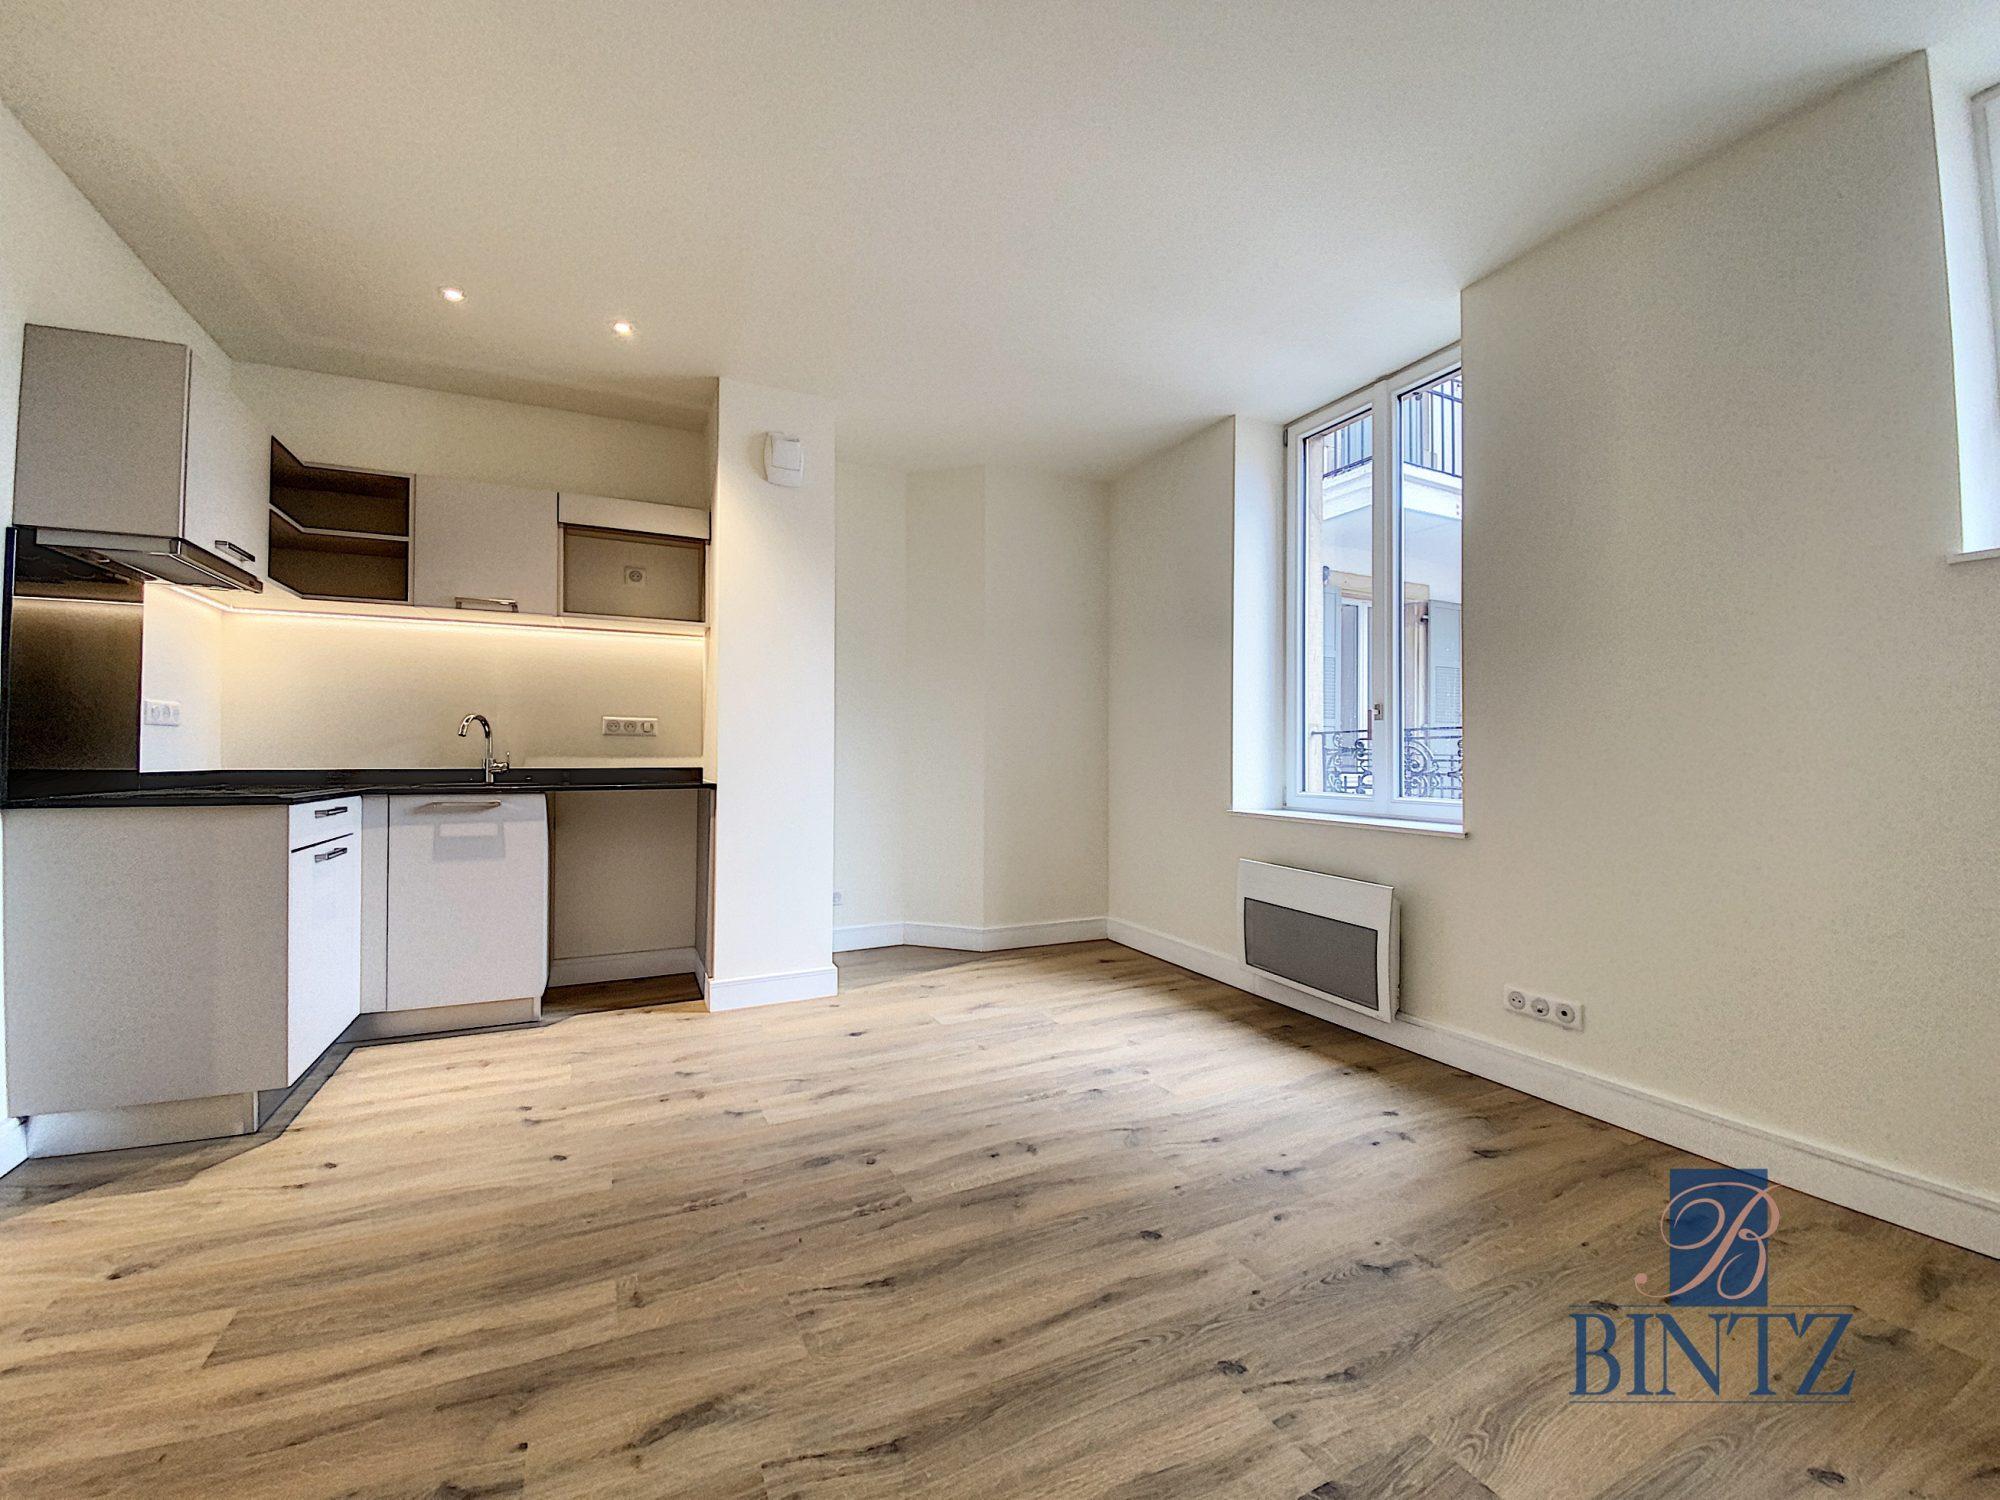 2 Pièces neuf avec balcon - Devenez locataire en toute sérénité - Bintz Immobilier - 1